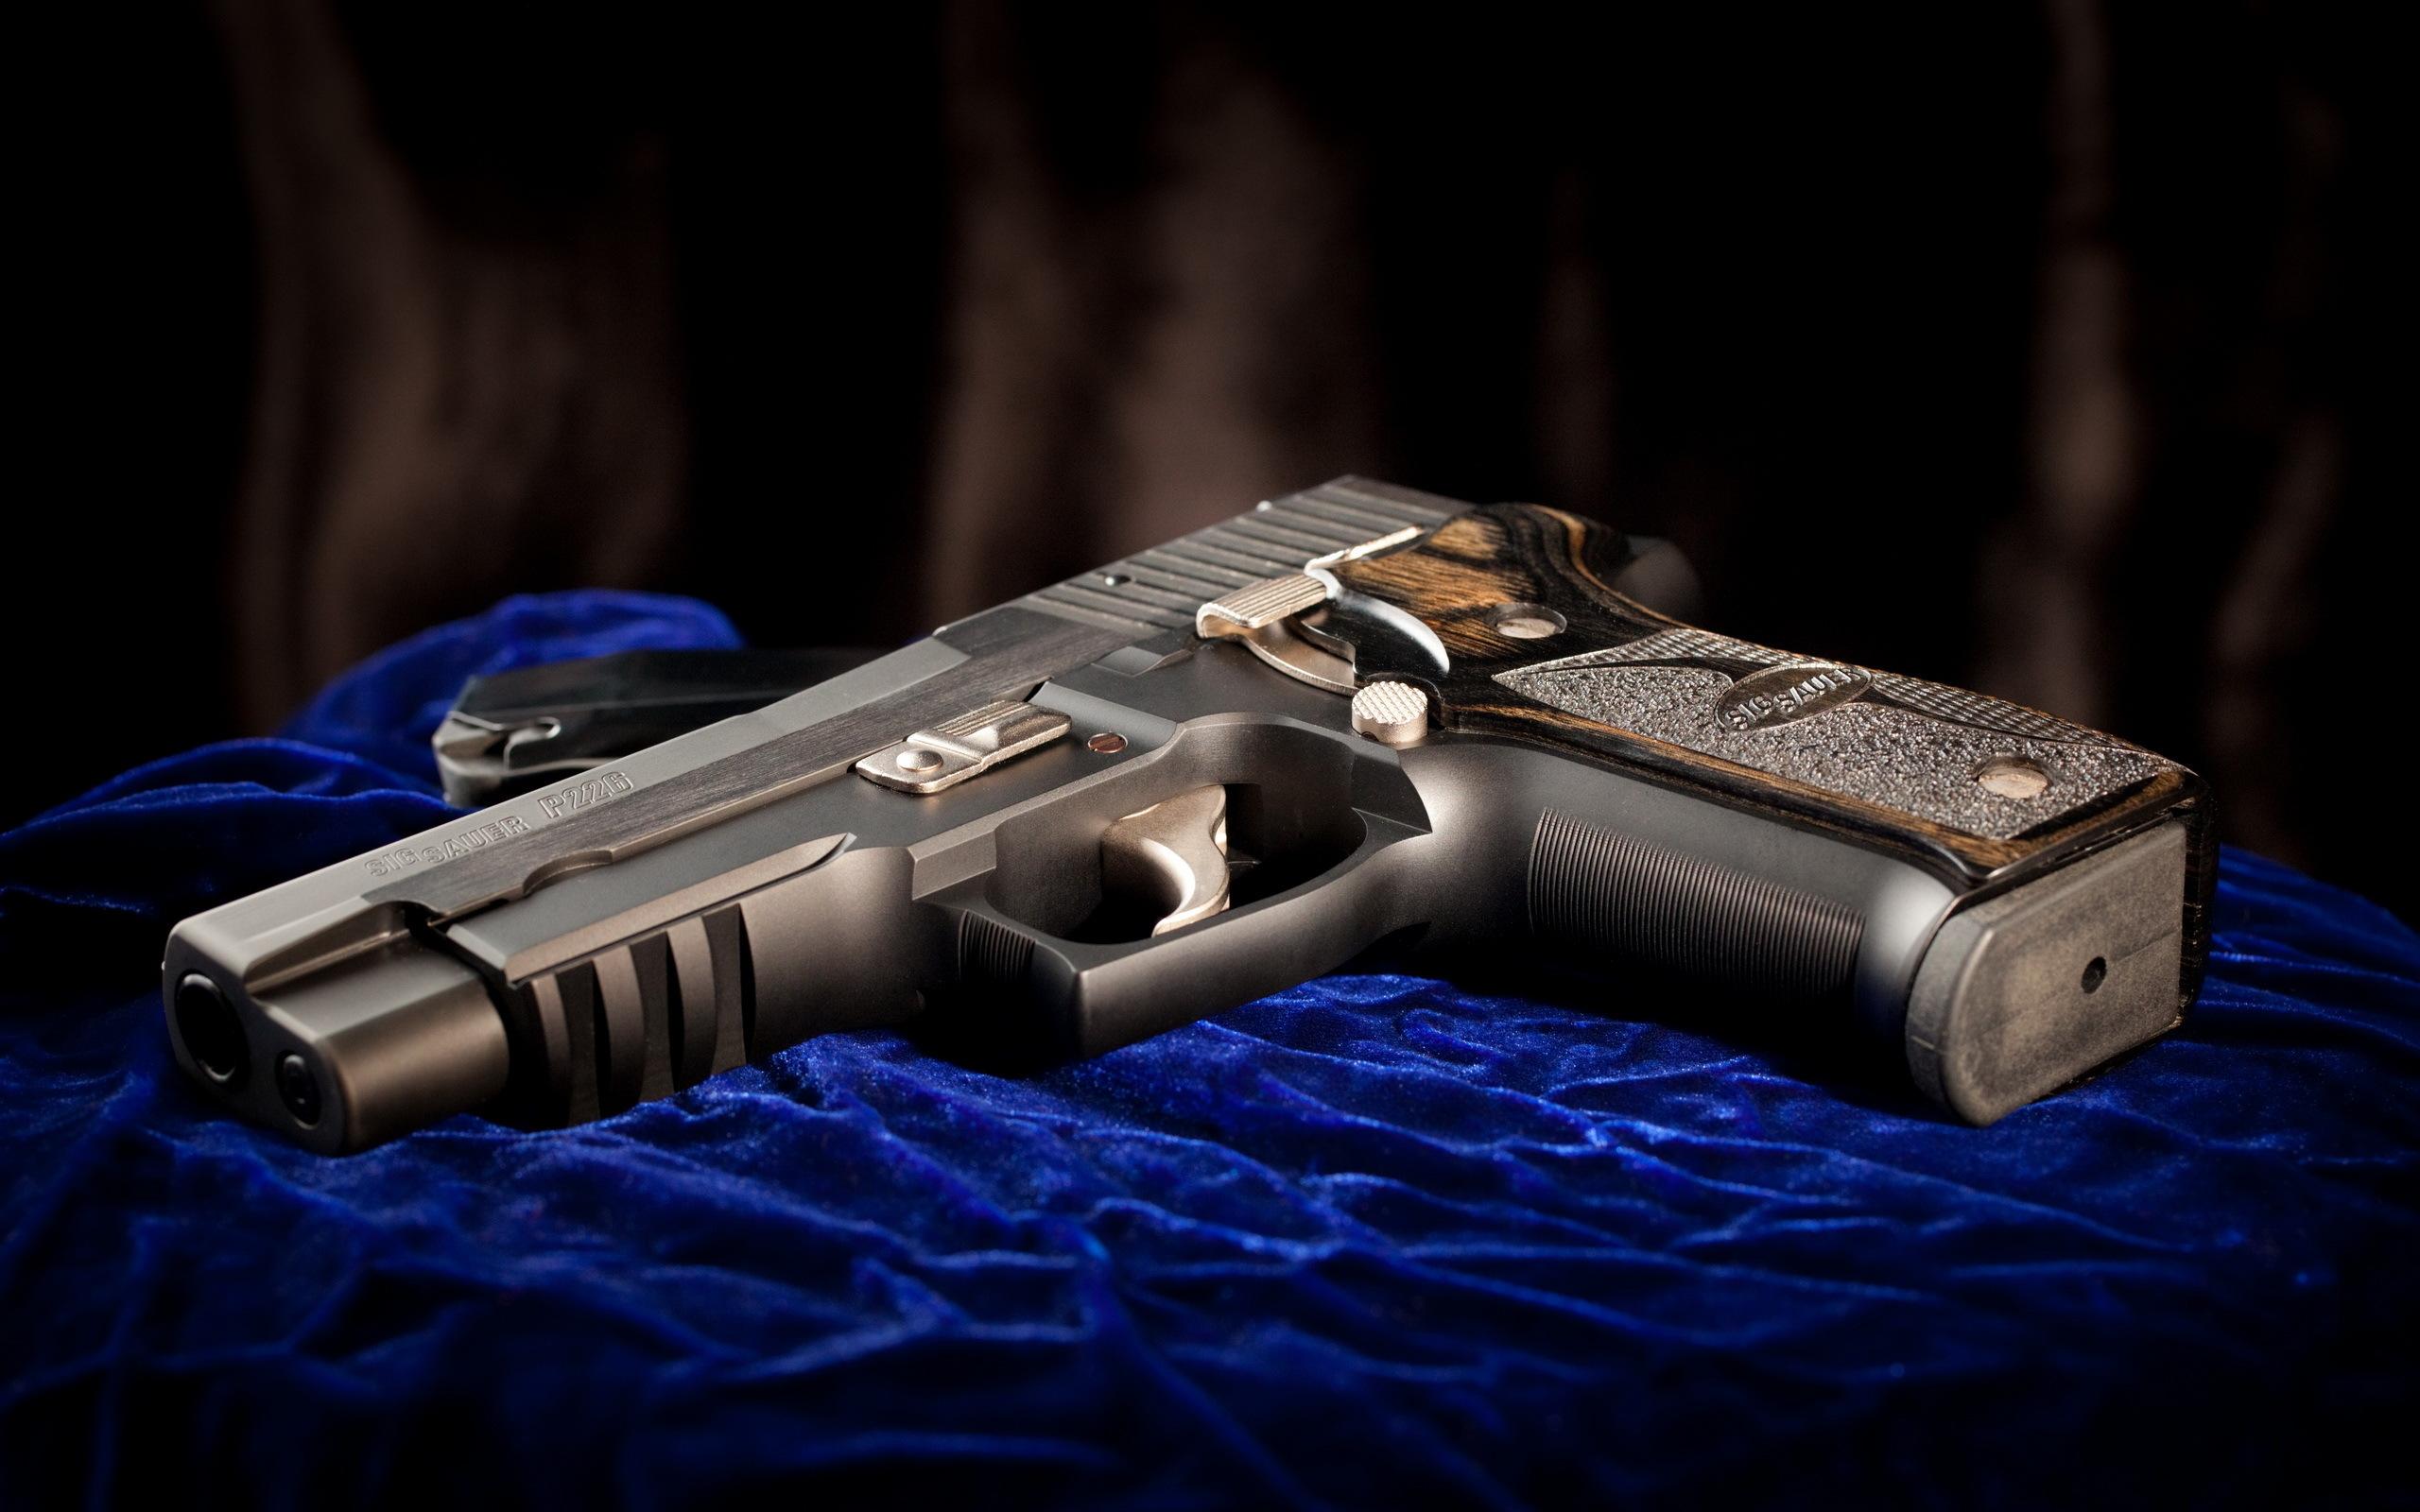 Автомат, нож и пистолет  № 3465090 бесплатно